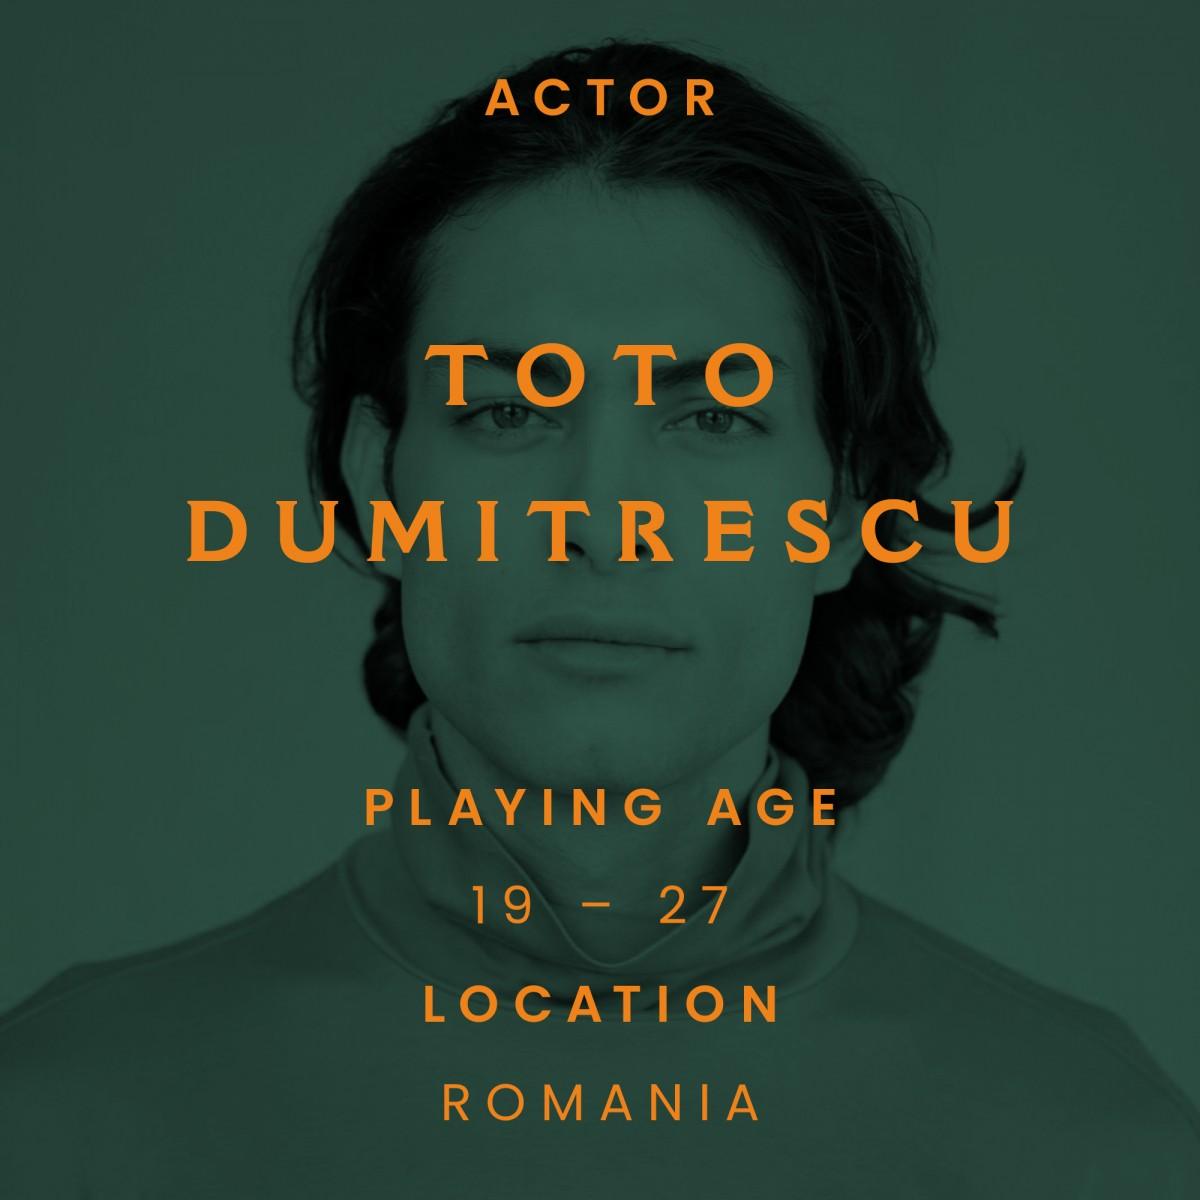 toto Dumitrescu, actor, Romania